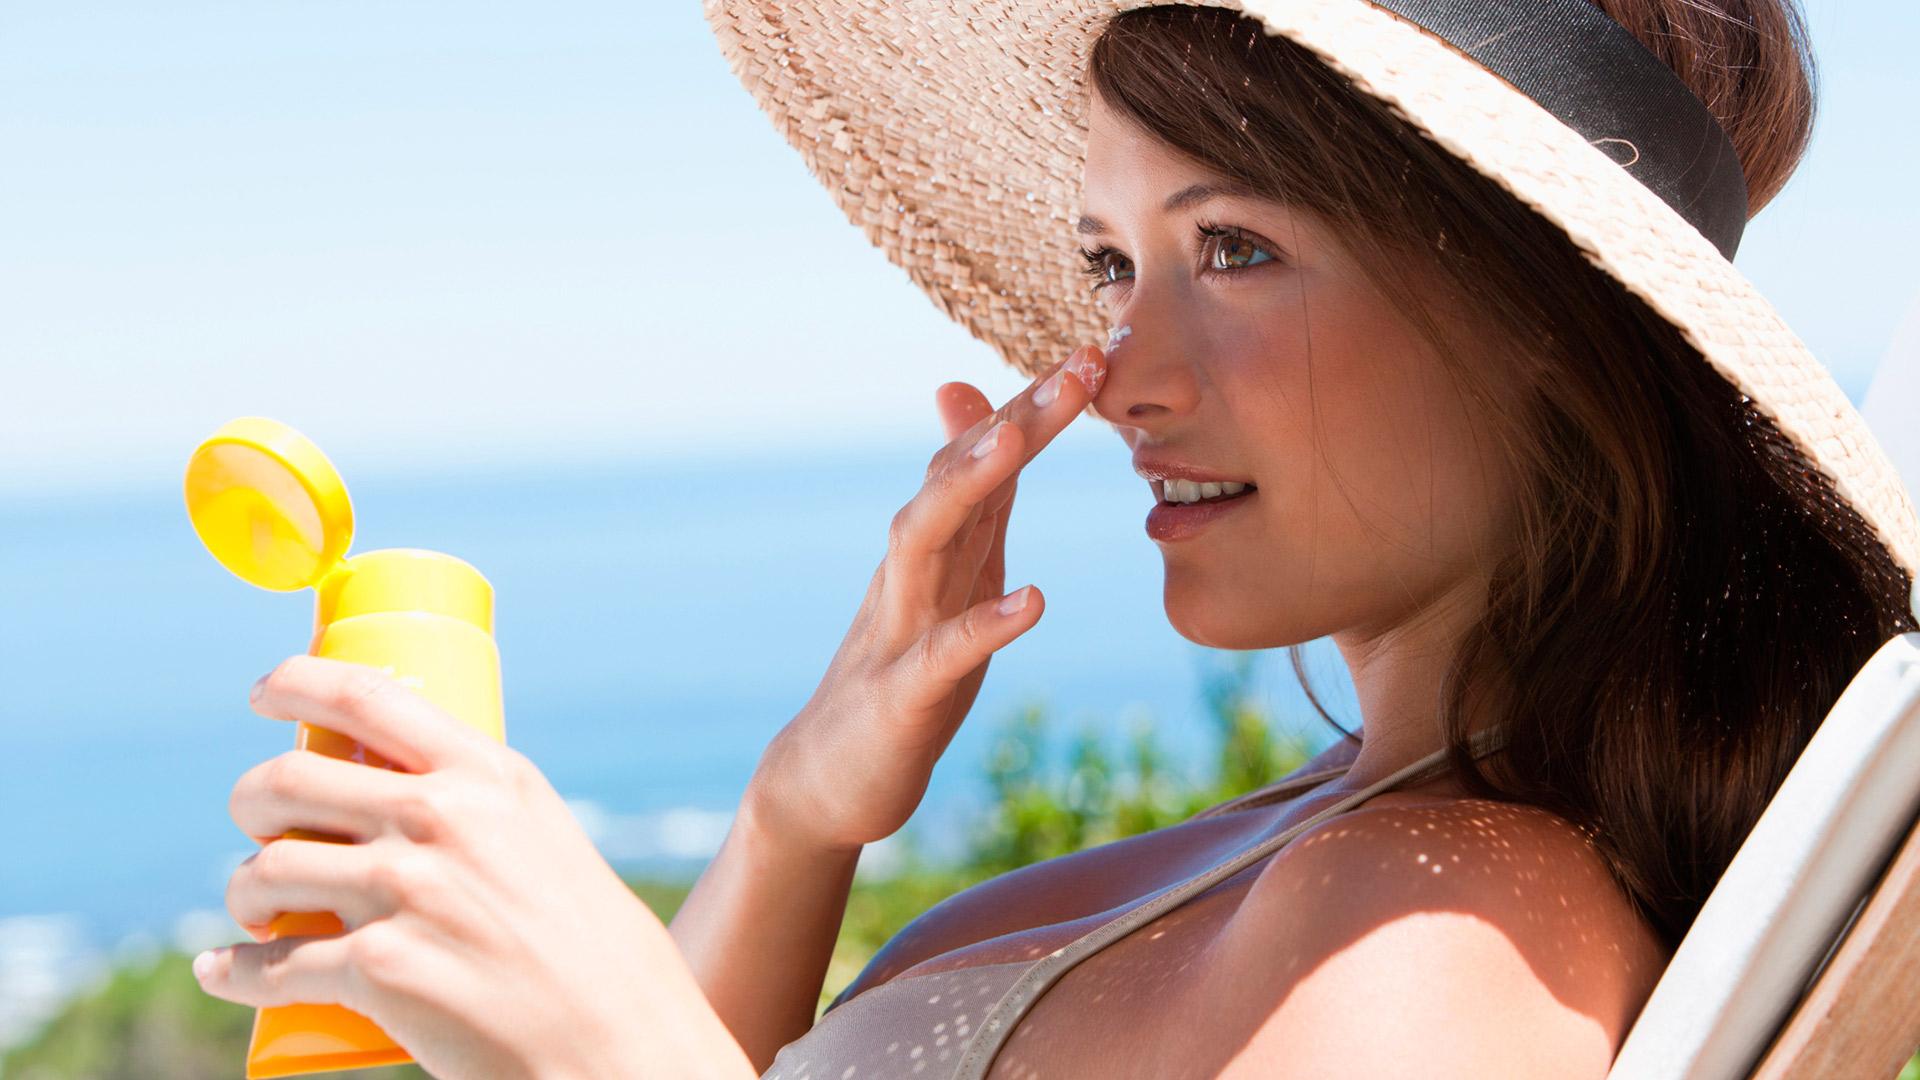 Erros no uso do protetor solar